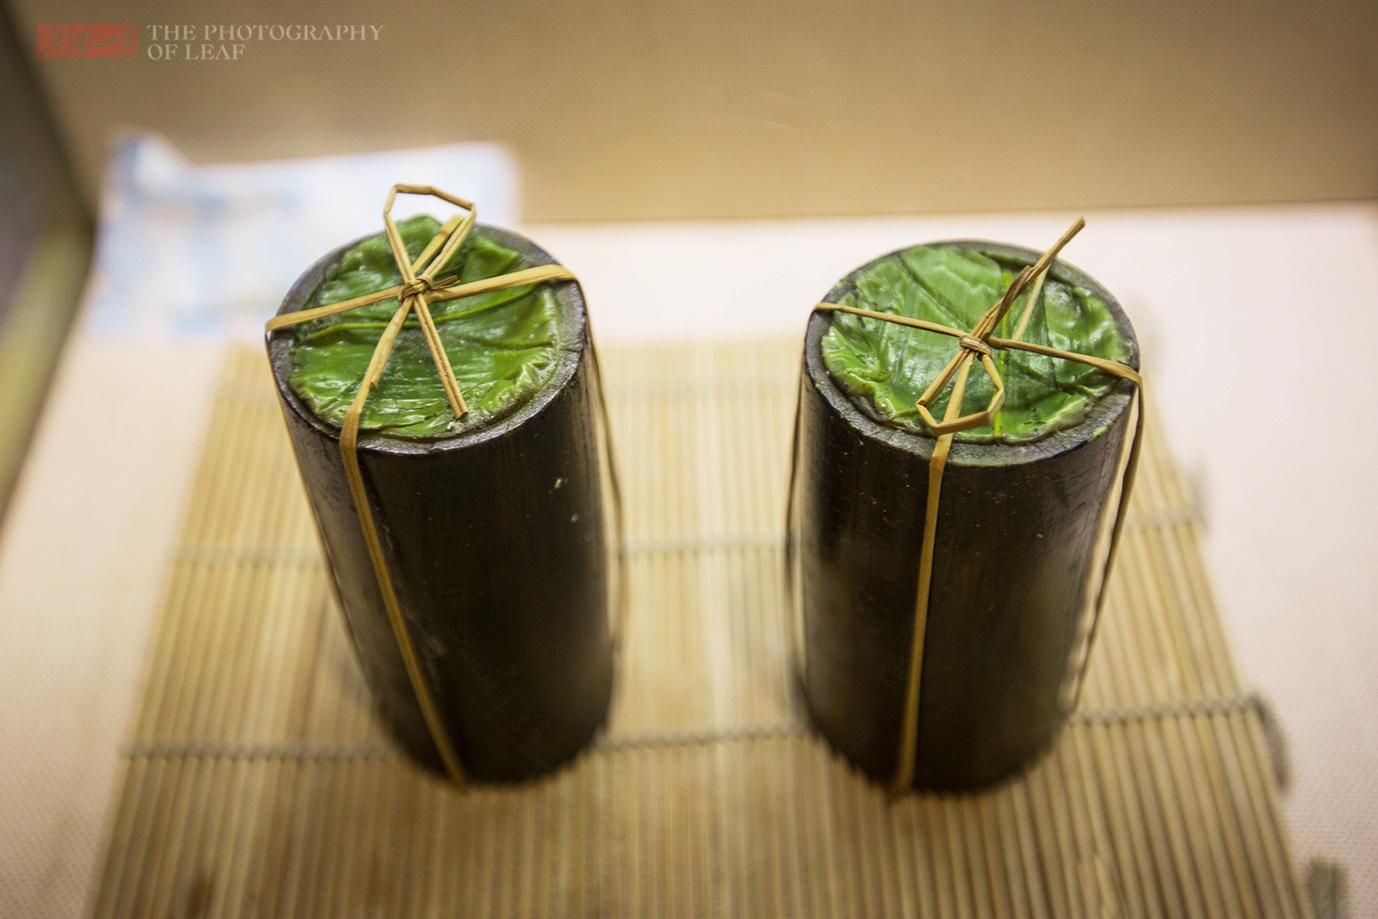 """云南文山特色食品_端午节吃粽子是中国传统习俗,商家推出创新""""腐乳粽"""",你会 ..."""